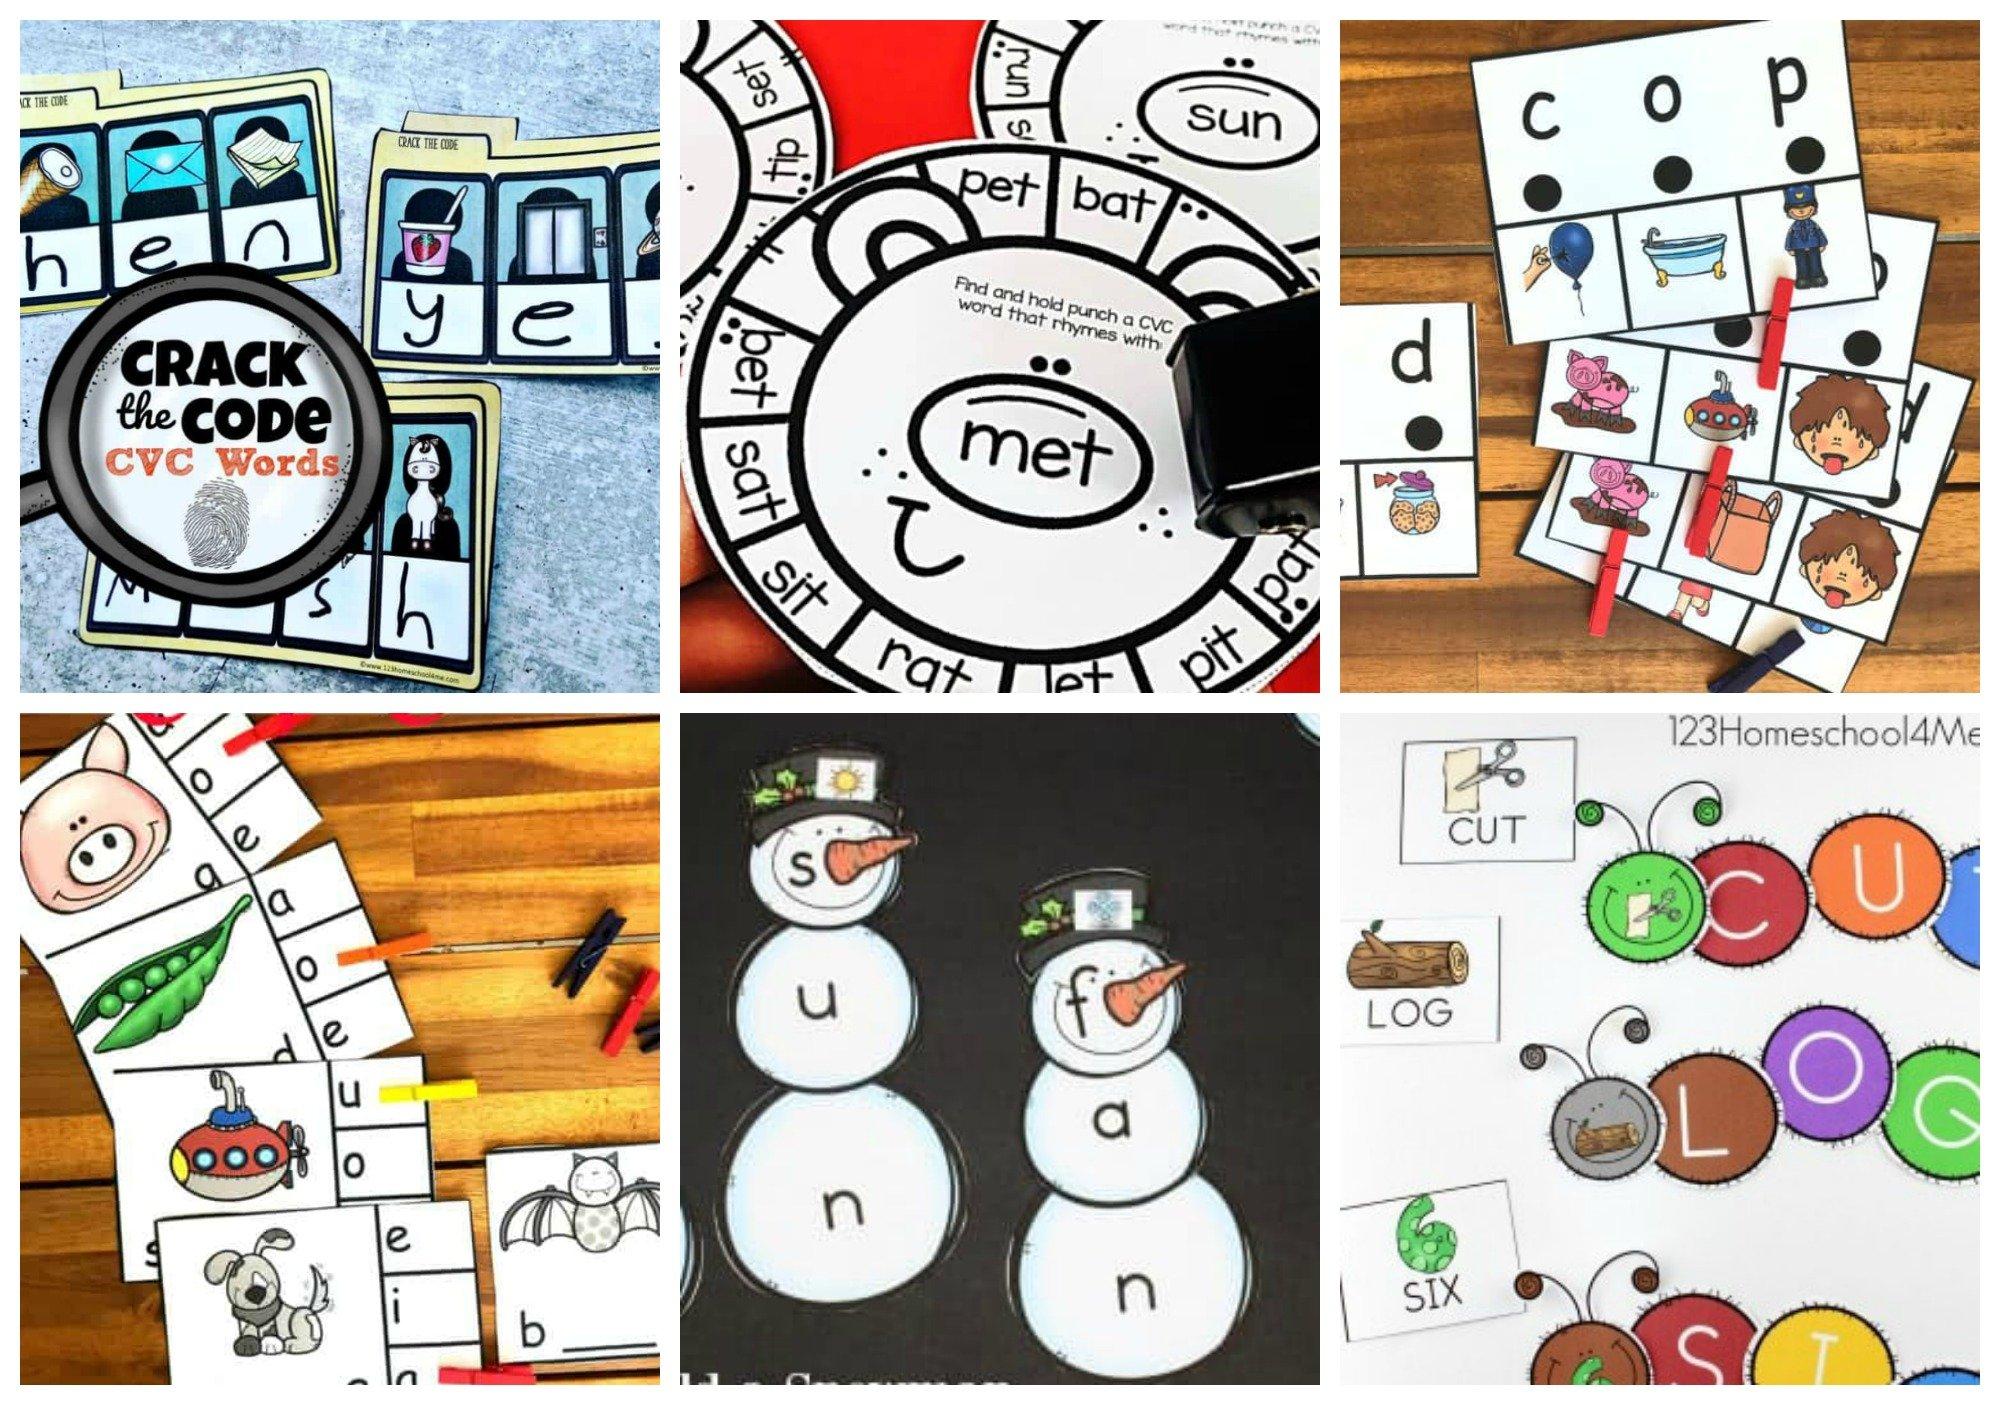 fun, hands-on cvc activities for preschoolers, kindergartners, and grade 1 children